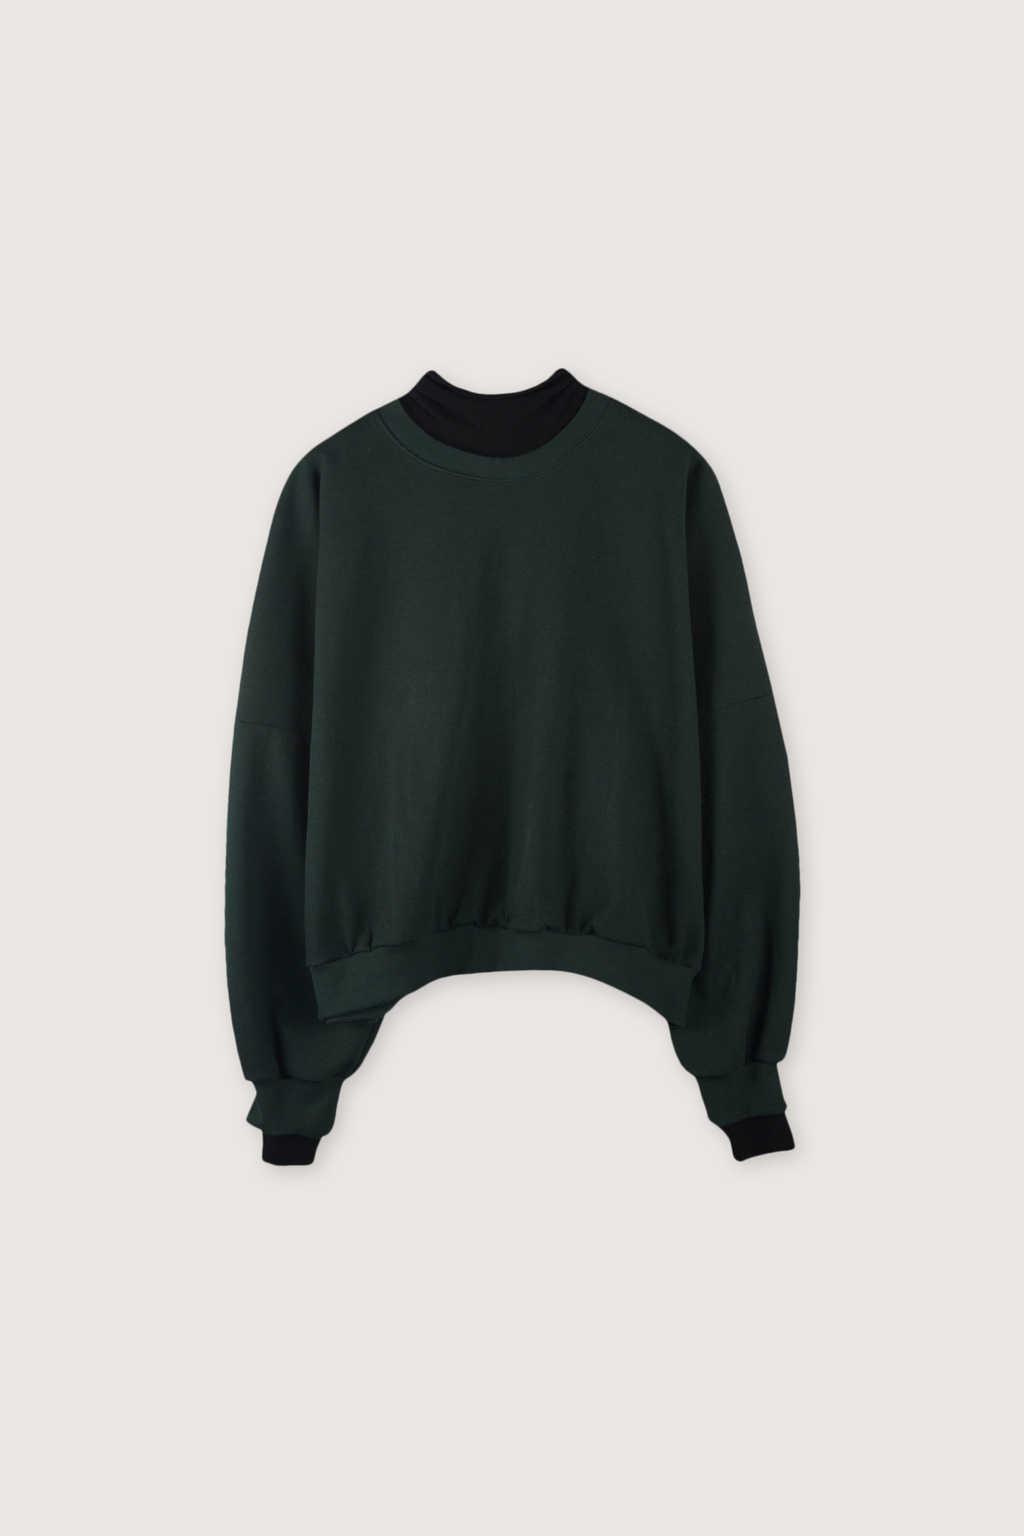 TShirt H391 Green 9